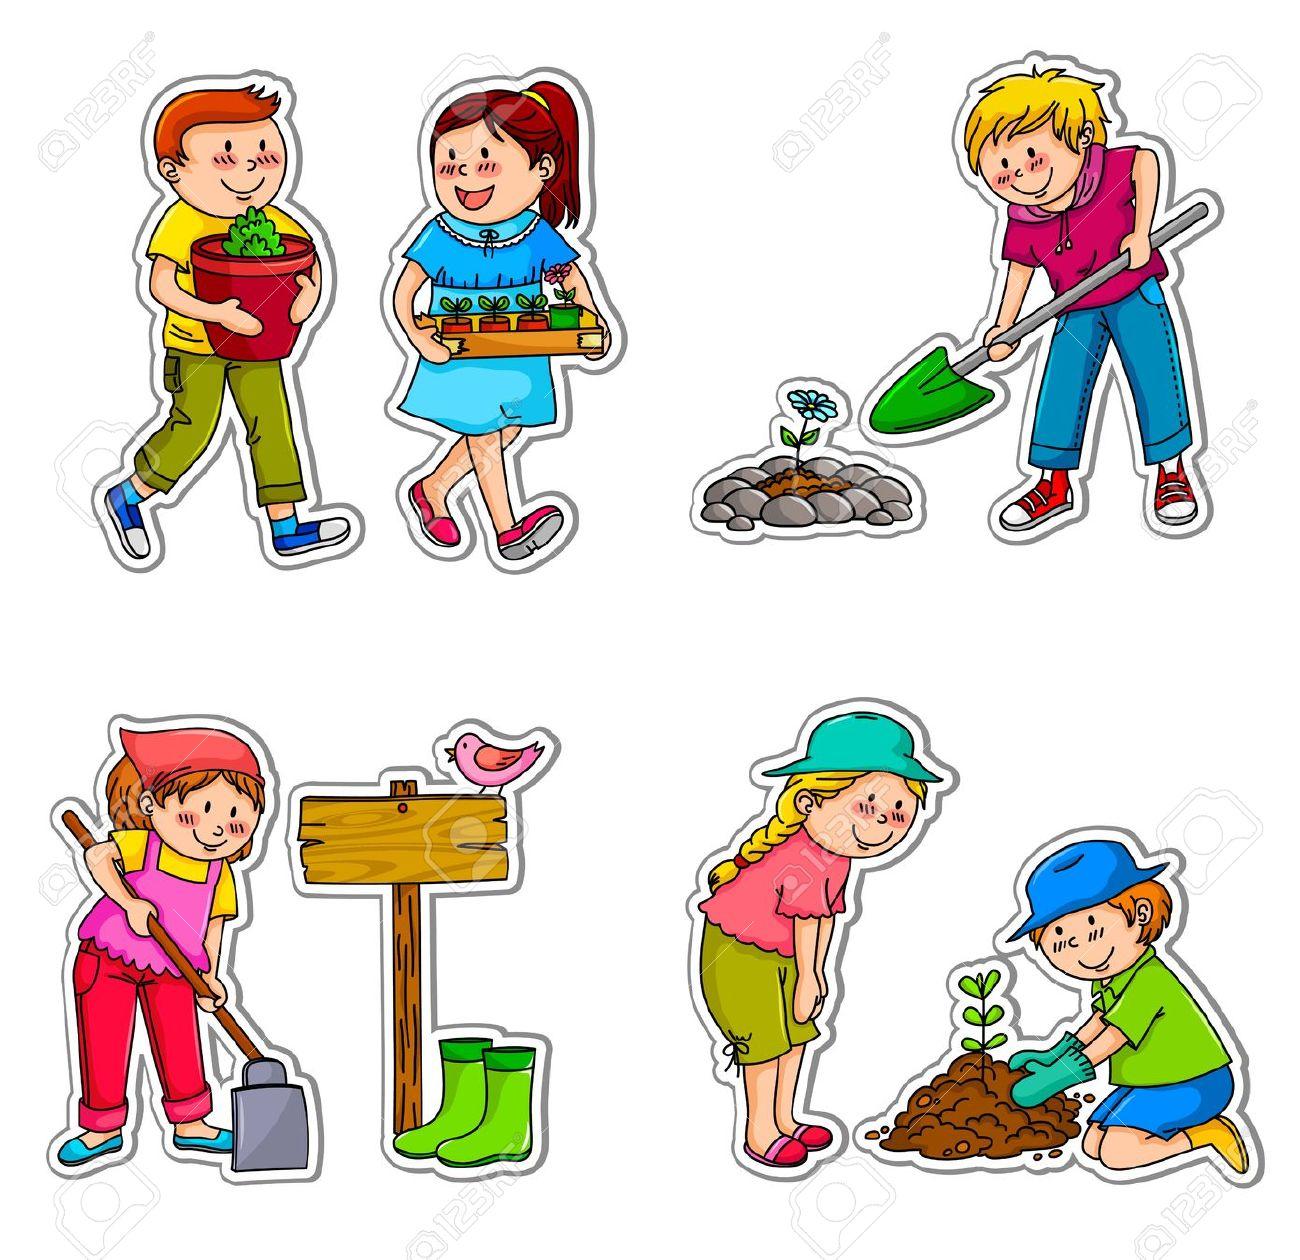 Children work clipart - Clipground